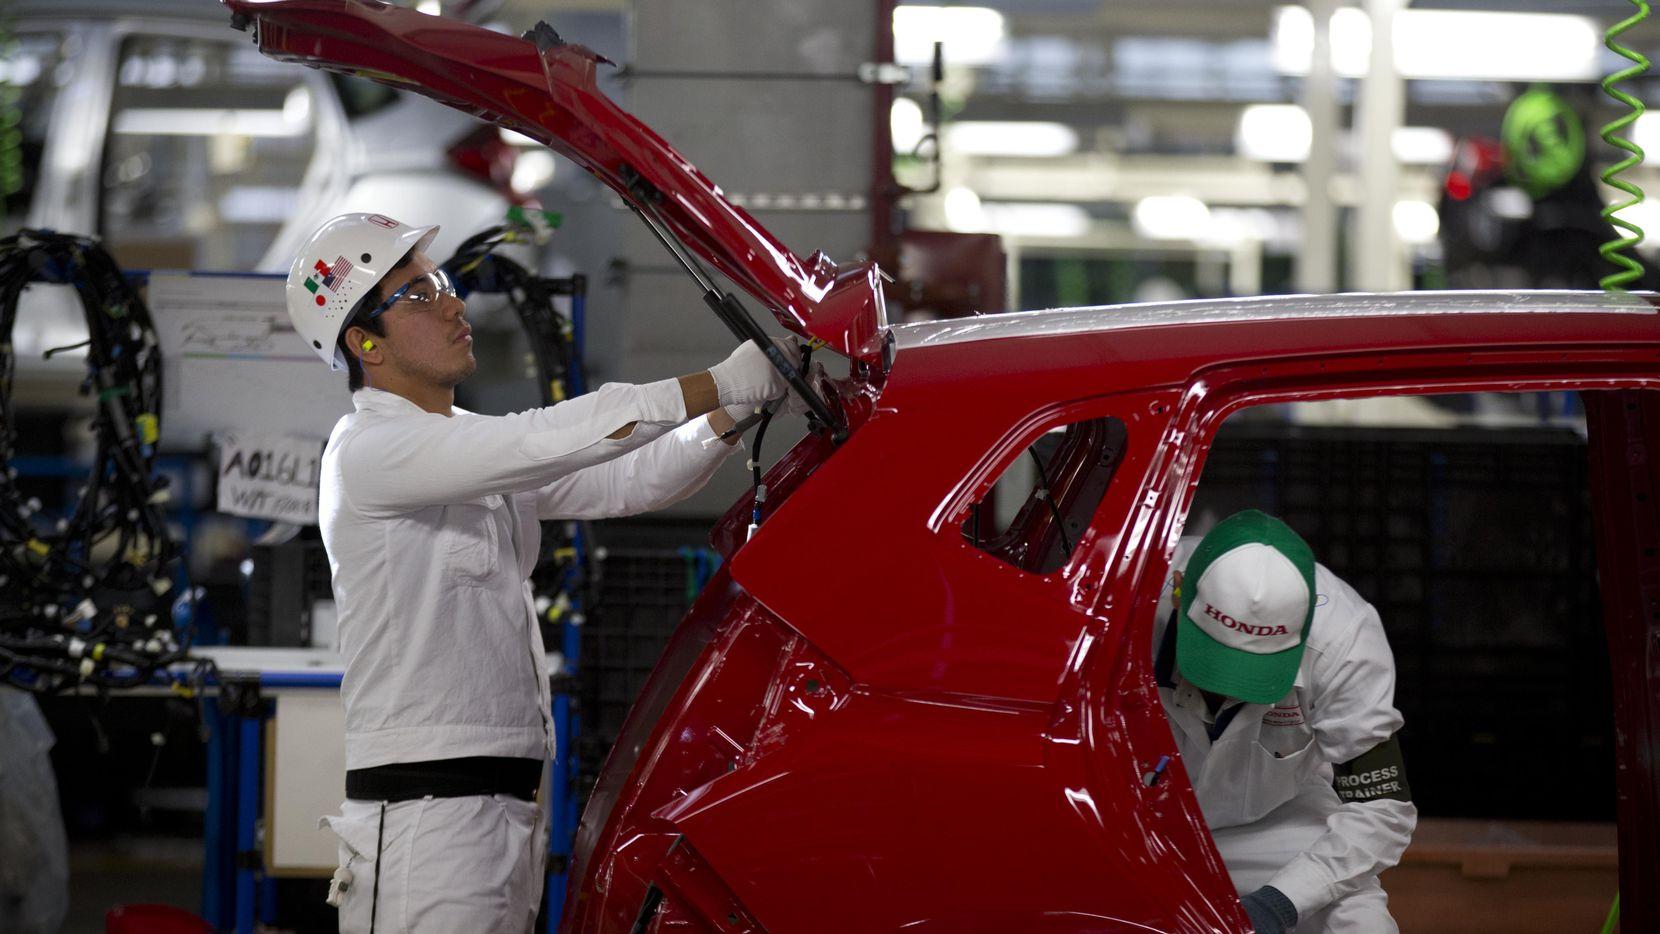 Empleados de una planta ensambladora de autos de Honda en Celeya, Guanajuato. (AP/Eduardo Verdugo)